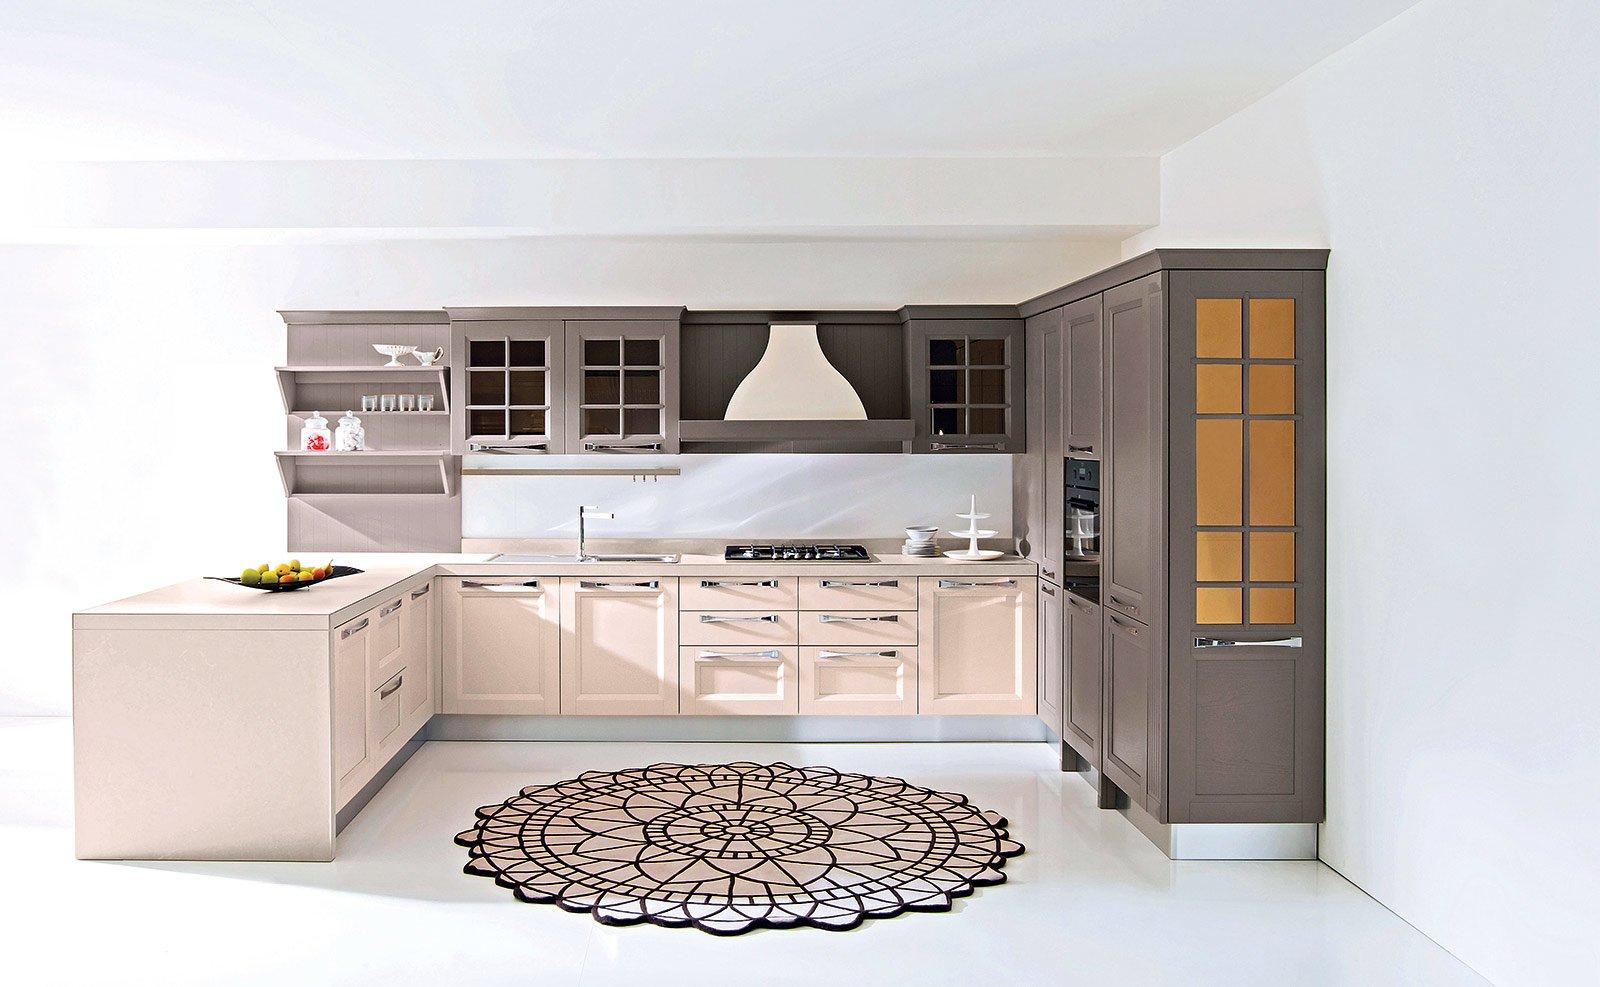 Con Vetro Riquadrato All'inglese La Cucina Ylenia Di Aran Cucine  #956836 1600 987 Veneta Cucine O Aran